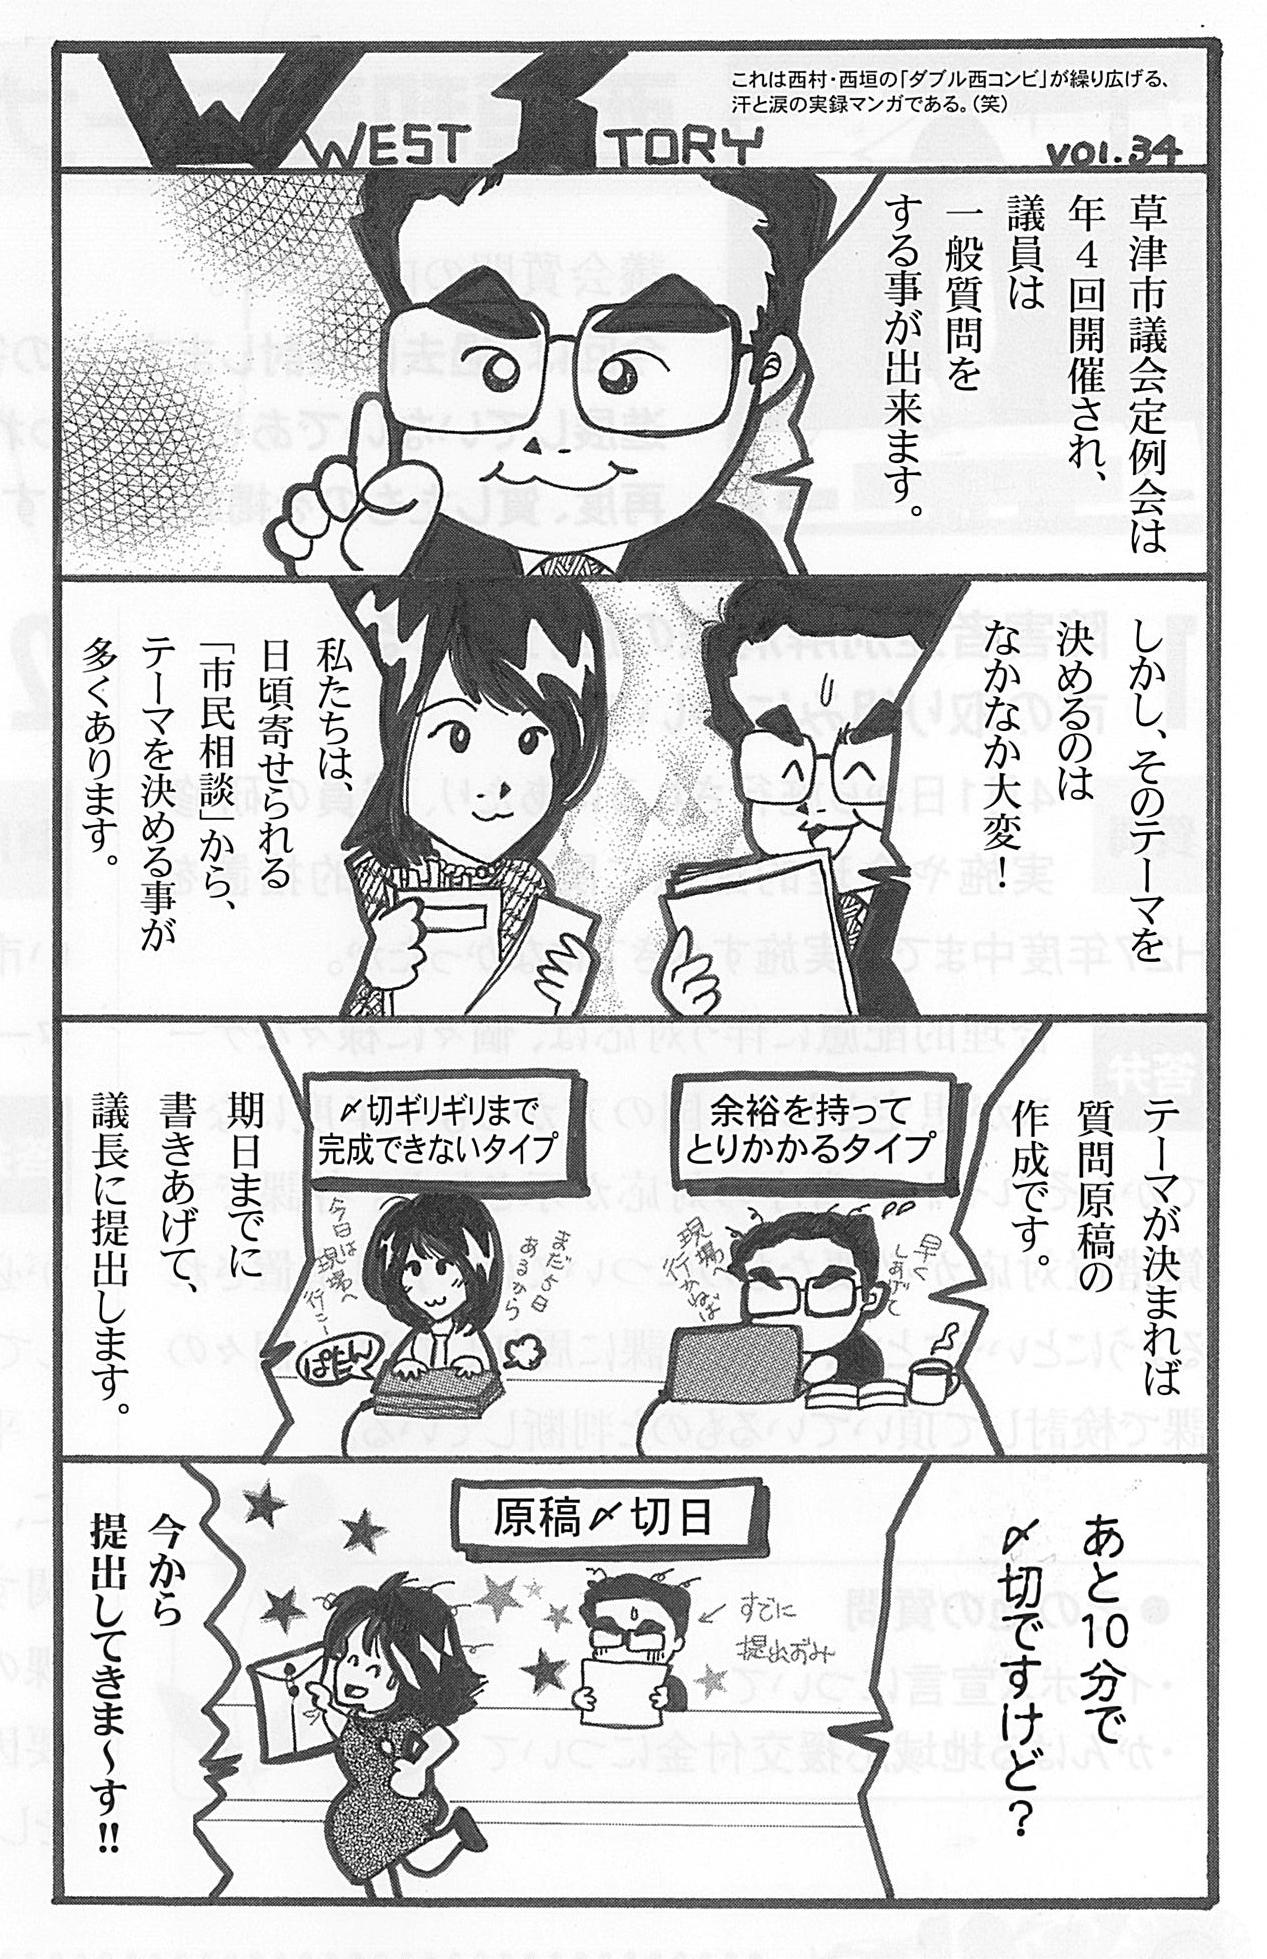 jitsuroku_vol34.jpg